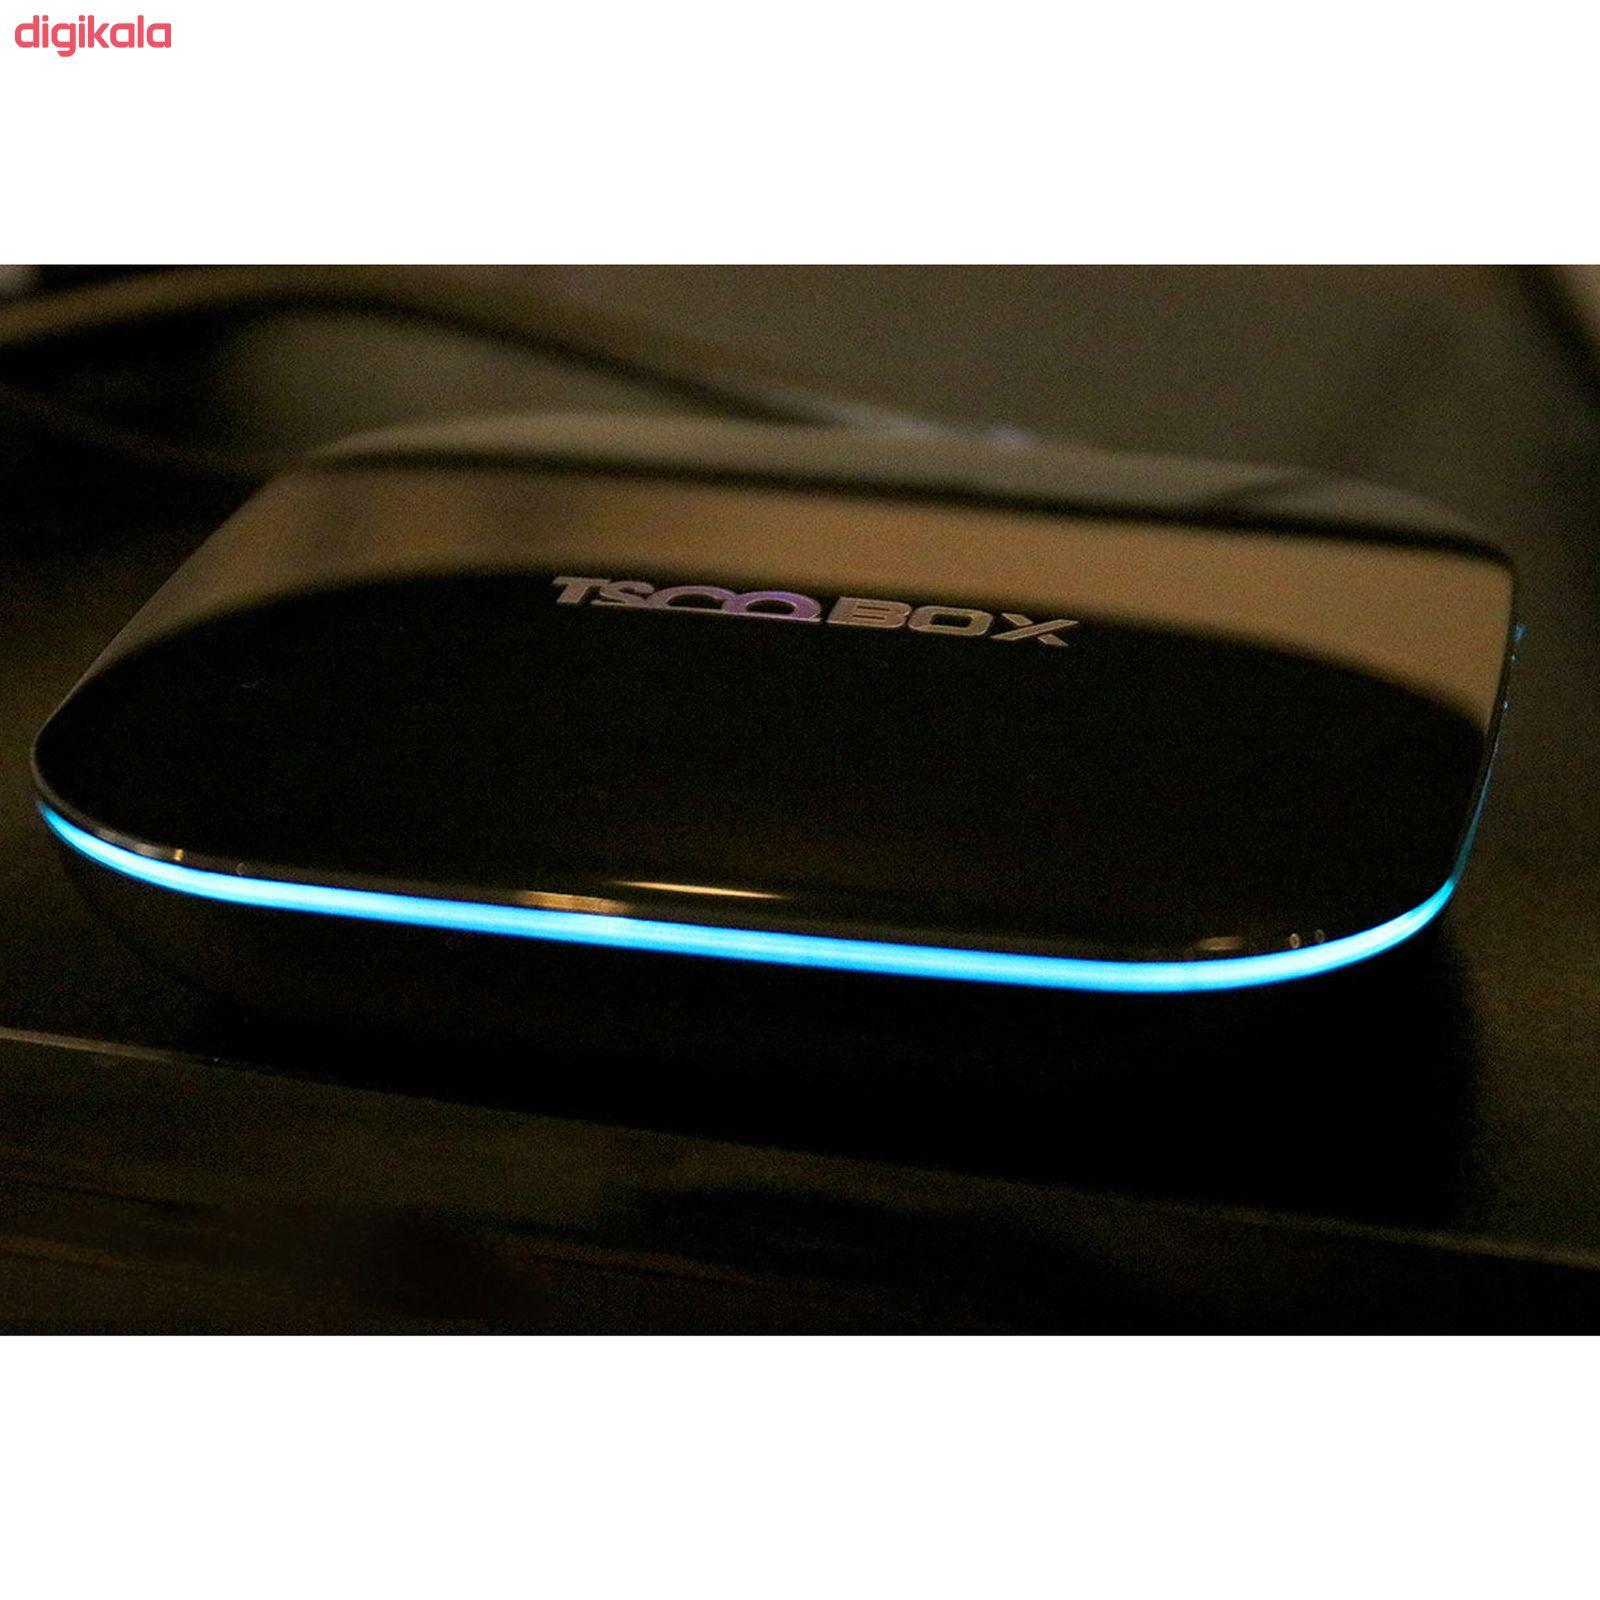 اندروید باکس تسکو مدل Tab 100 Plus به همراه اسپیکر بلوتوثی تسکو مدل TS 2337 main 1 14